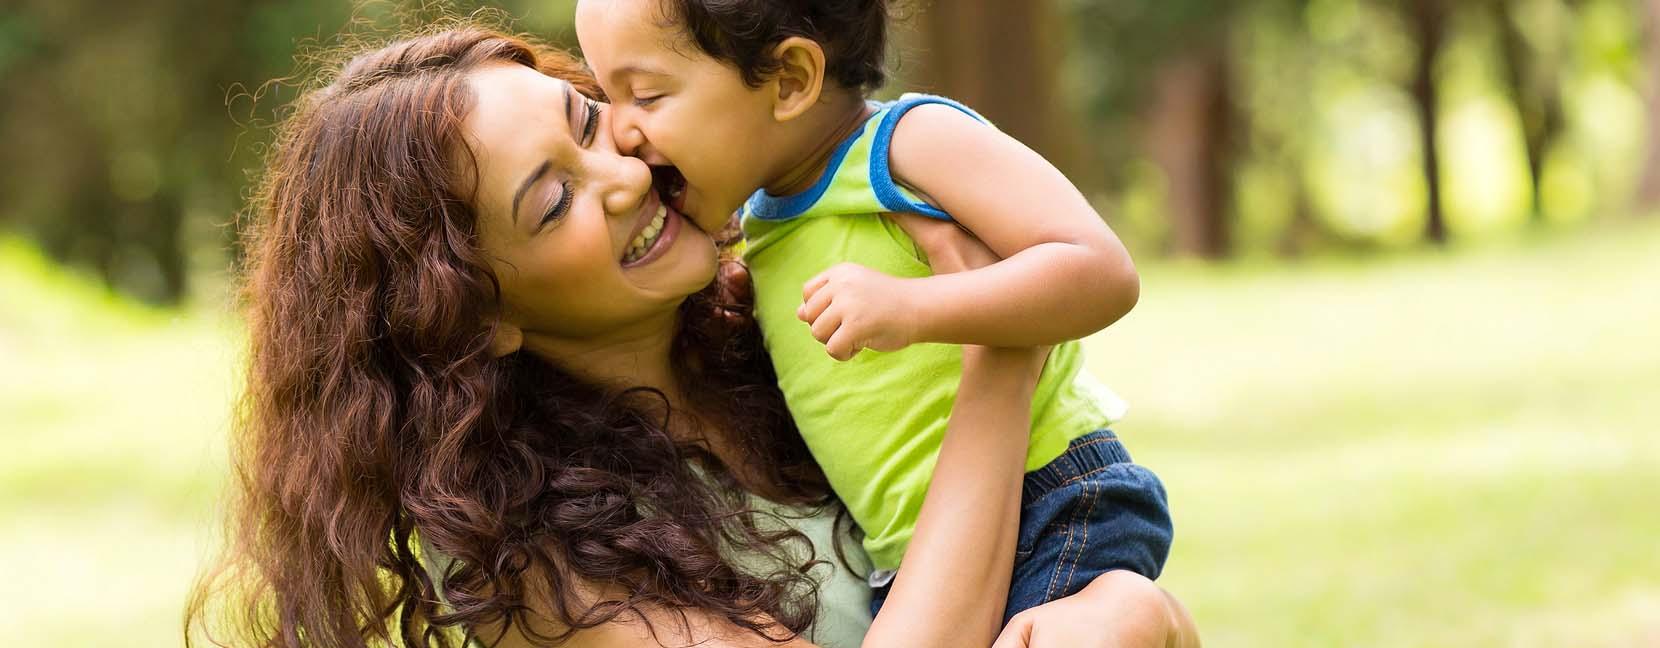 Mamma felice che tiene il suo bimbo sorridente in braccio.